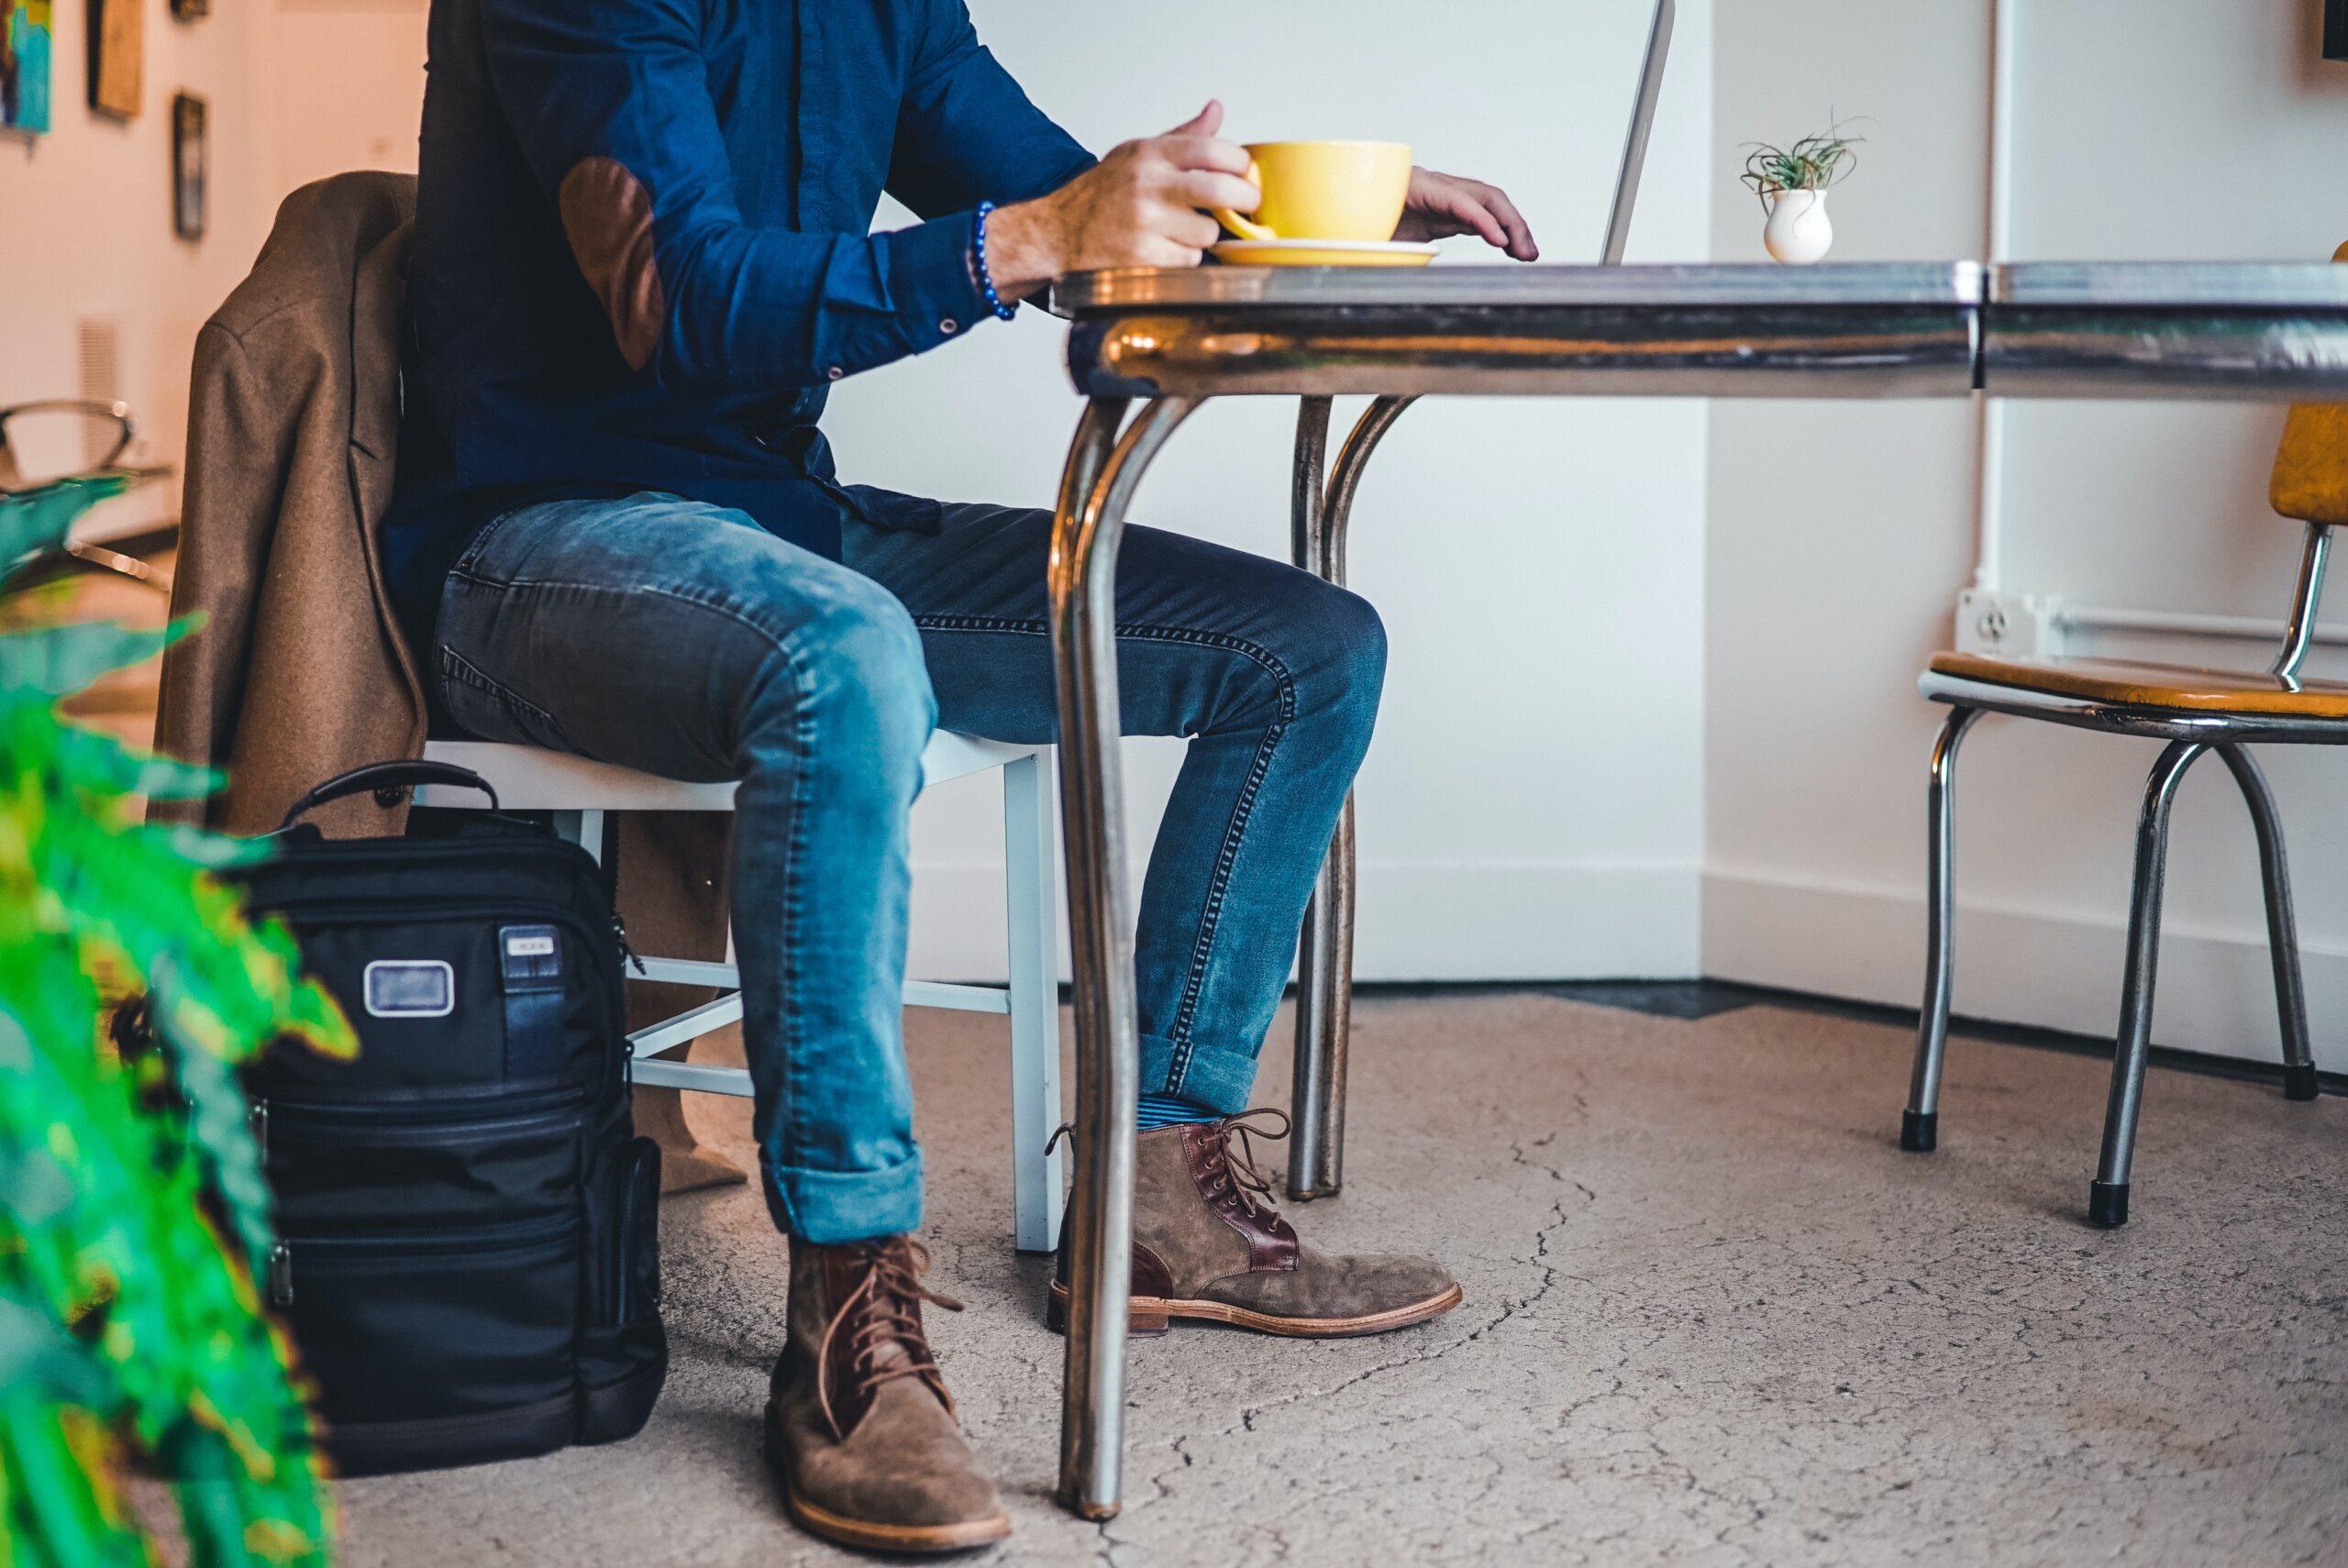 サテライトオフィスが従業員に与えること②:モチベーションを維持しやすくなる